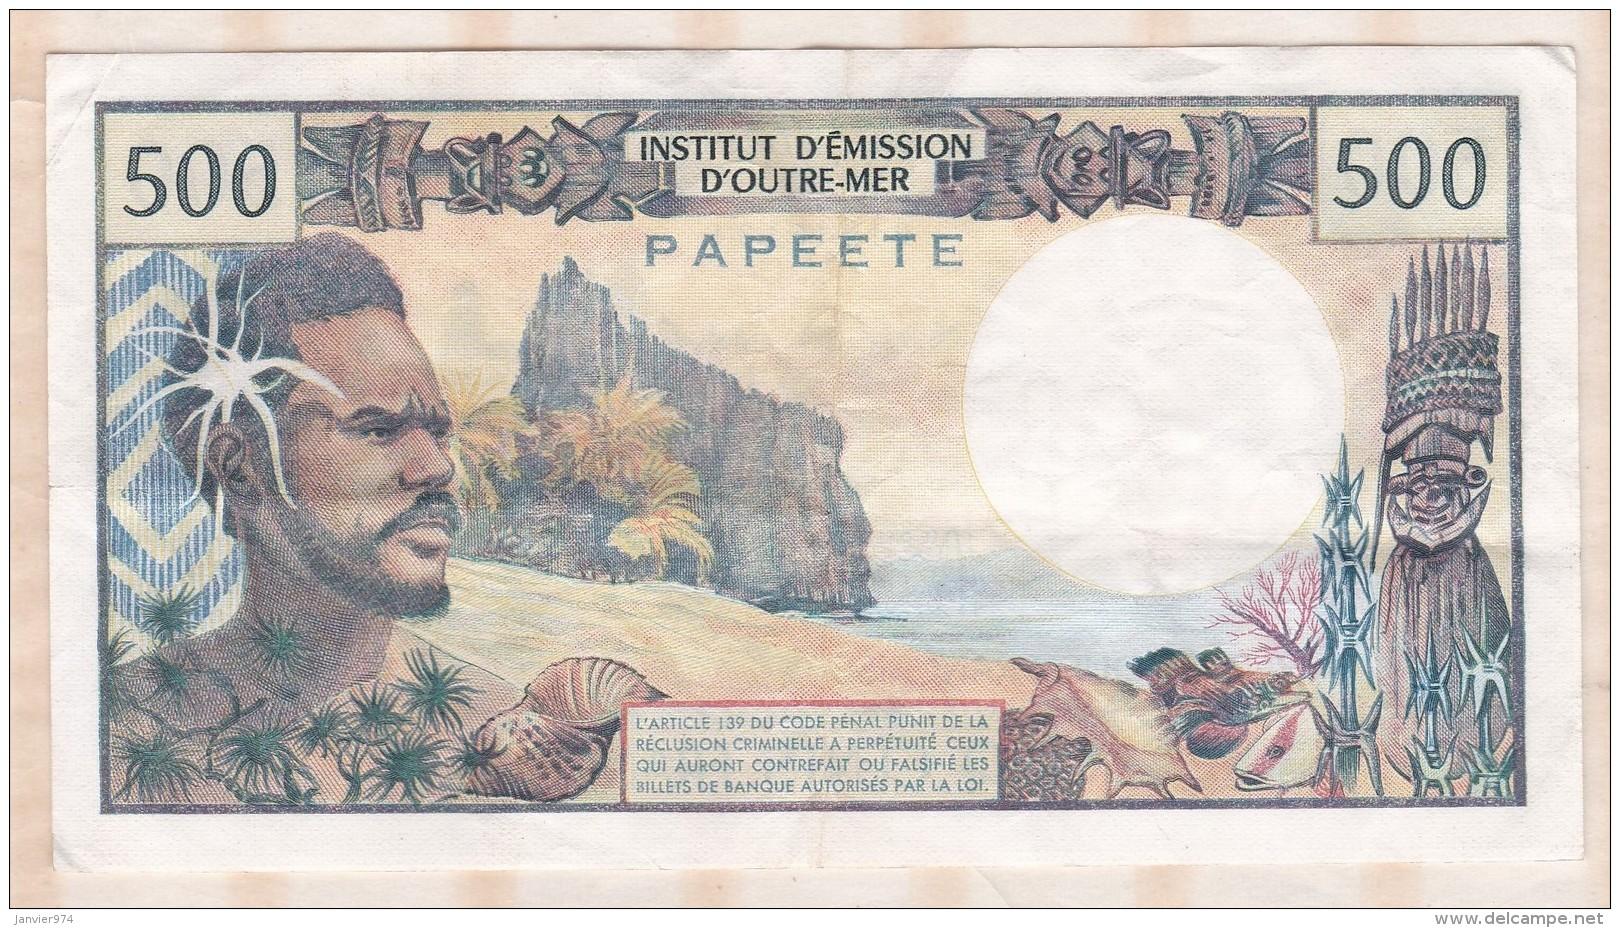 Institut D émission D Outre Mer ,  500 FRANCS  PAPEETE, Alphabet N.1 ,n° 35134 - Papeete (Polynésie Française 1914-1985)